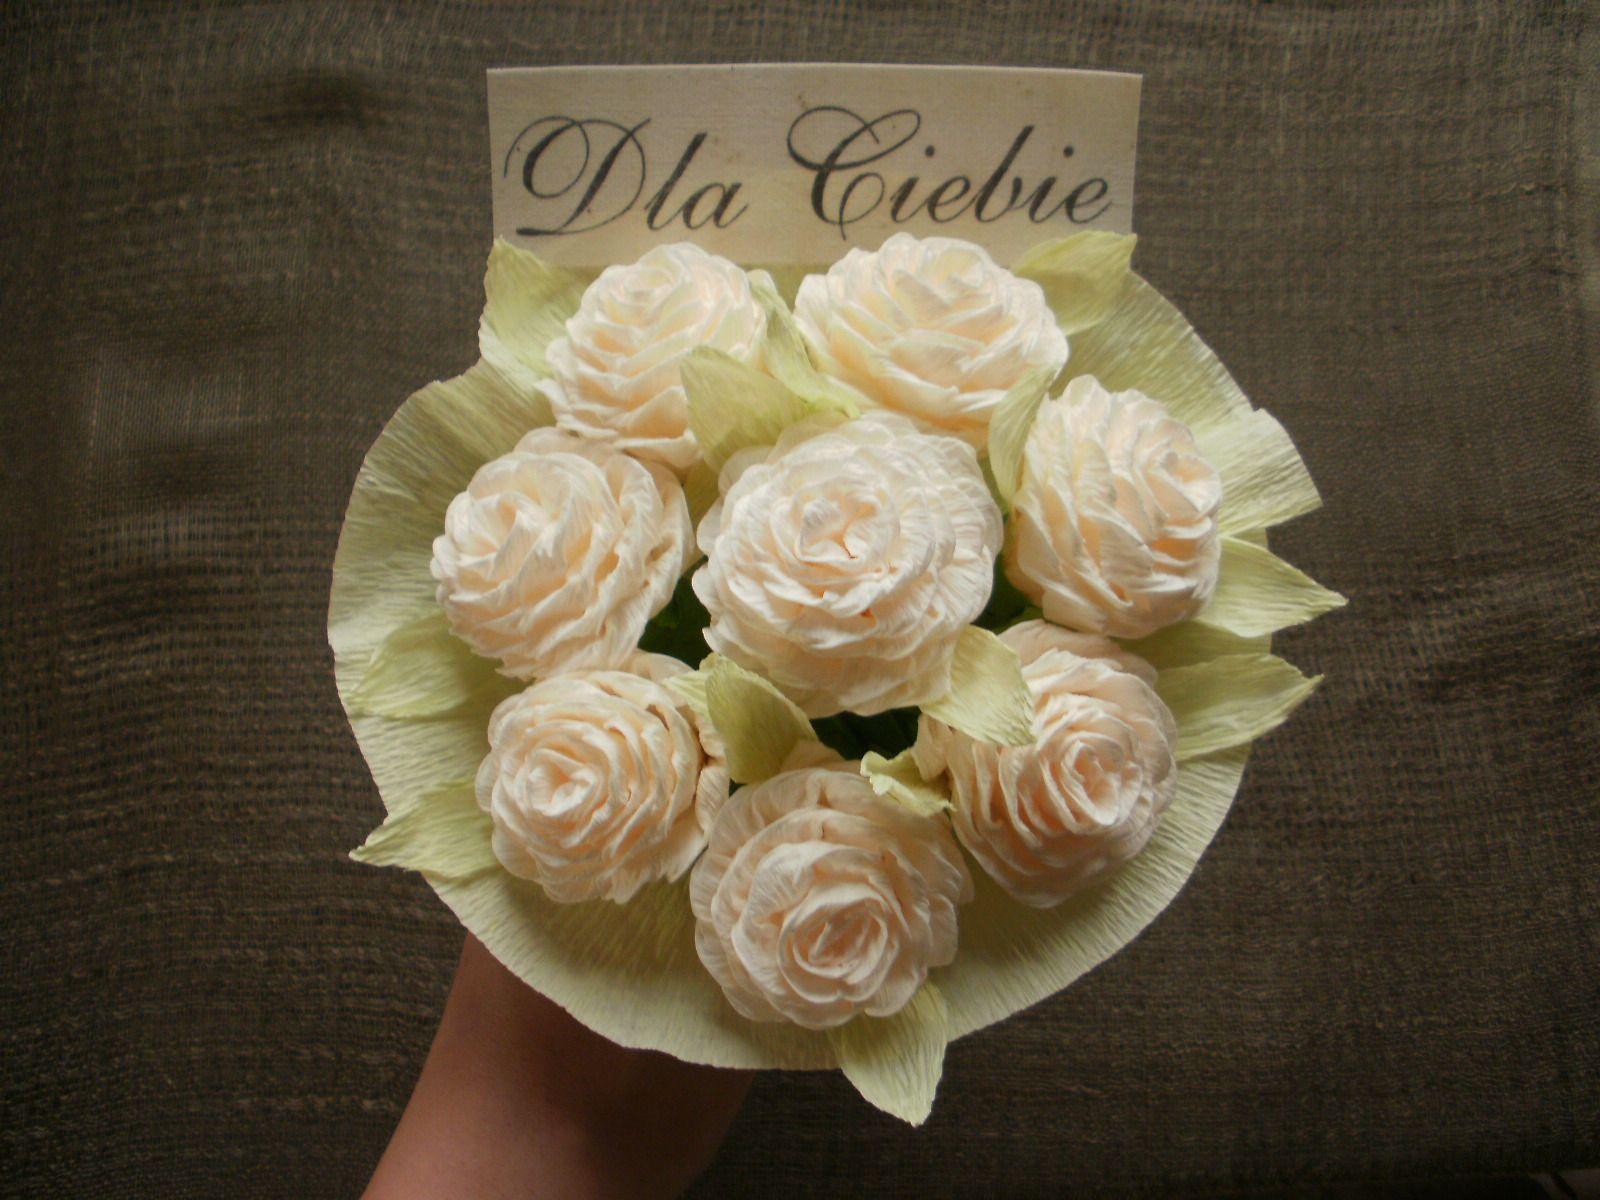 P Stworz Cudowne Bukiety Z Bibuly W Bardzo Prosty I Przyjemny Sposob Wykonaj Kwiaty Z Bibuly Do Zludzenia Przypominajace Roze Oryginalne De Flowers Rose Diy